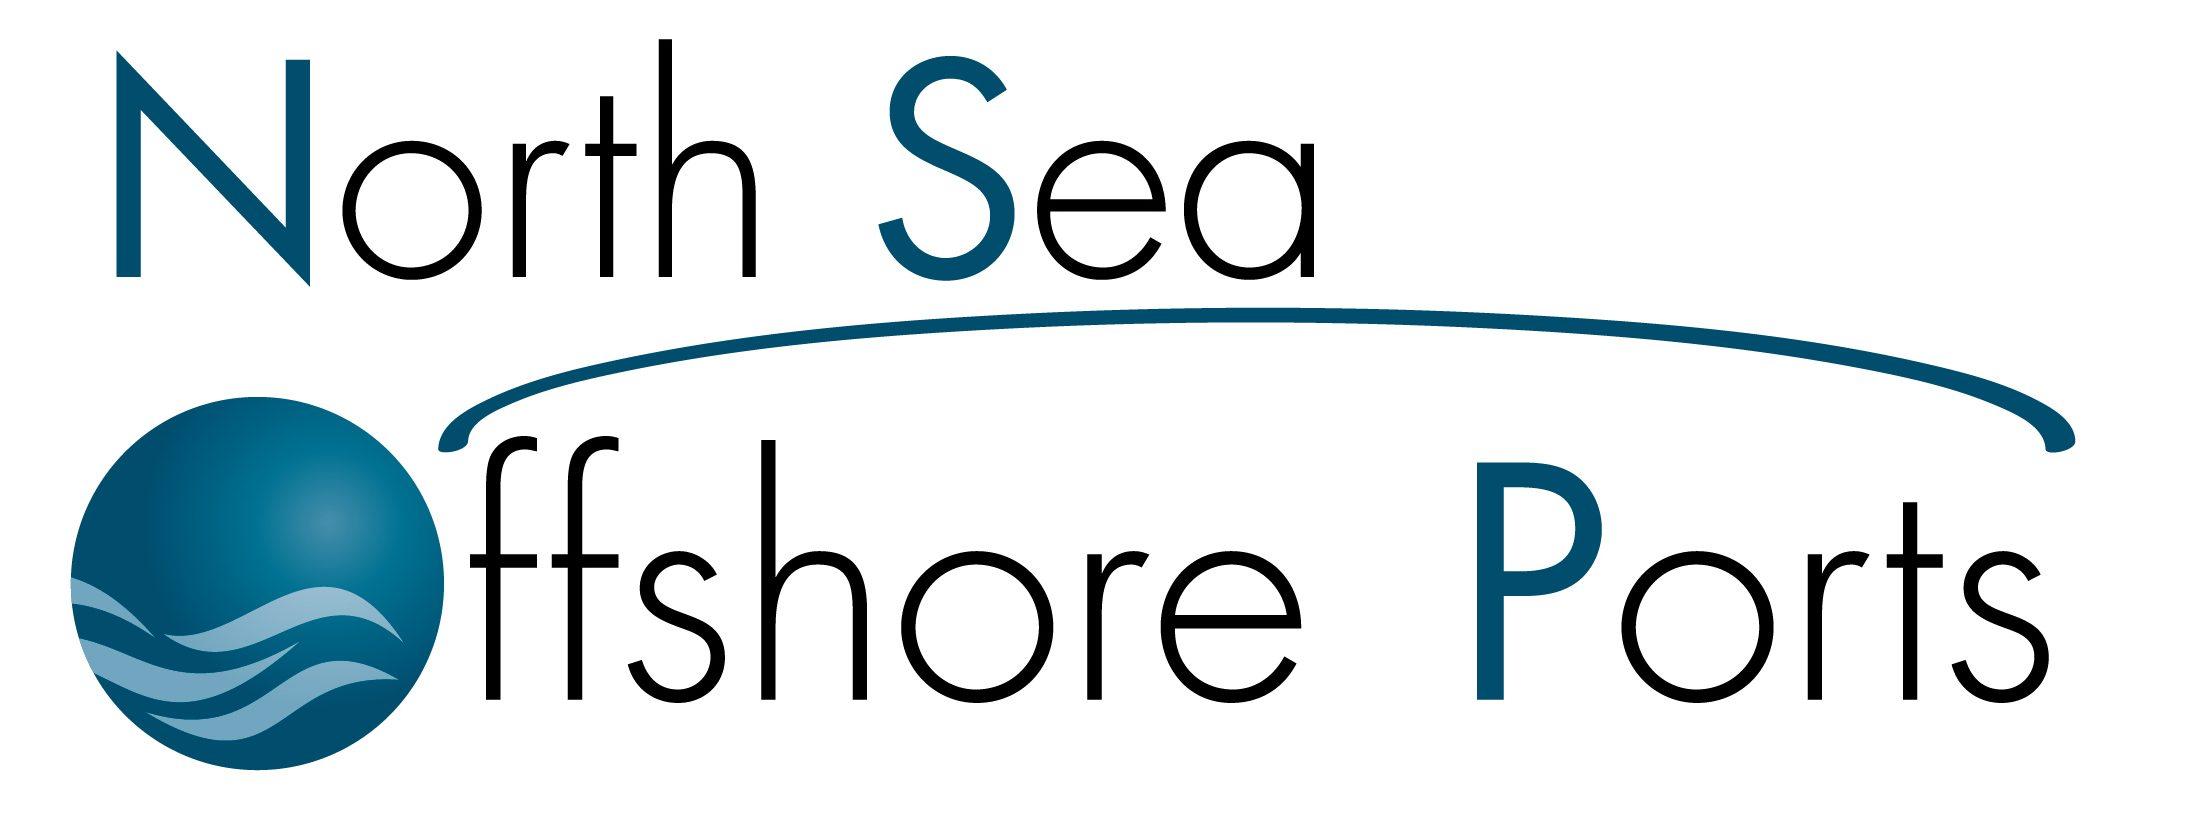 North Sea Offshore Ports